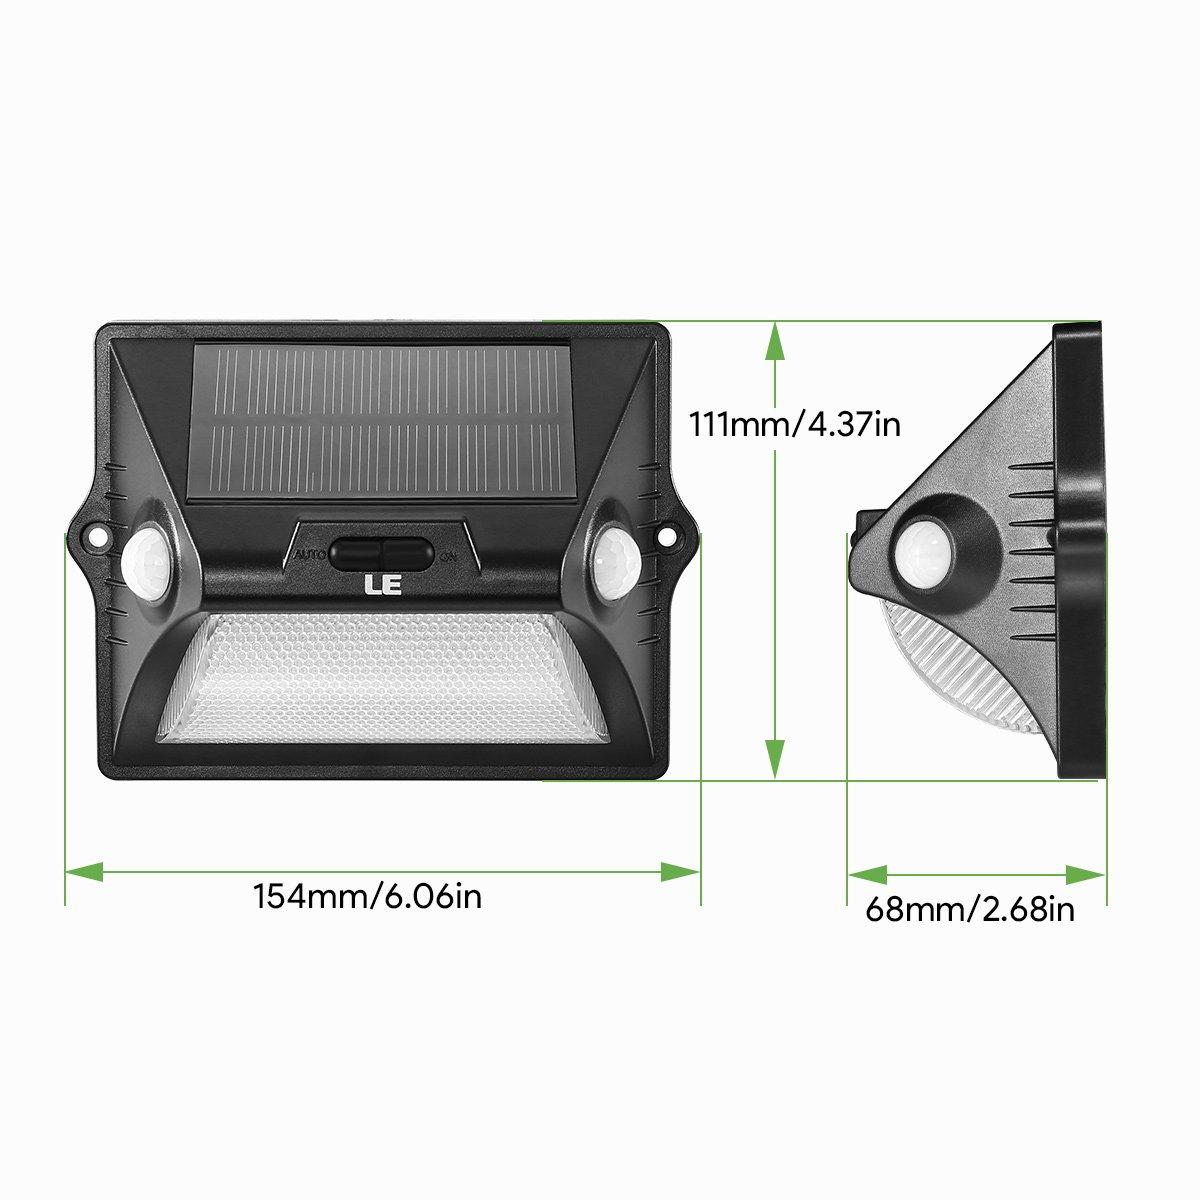 RGB Farbwechsel LED Solarleuchte Garten LE Solarlampe f/ür Au/ßen mit Bewegungsmelder IP65 Wasserdicht Mehrfarbig Sicherheitswandleuchte